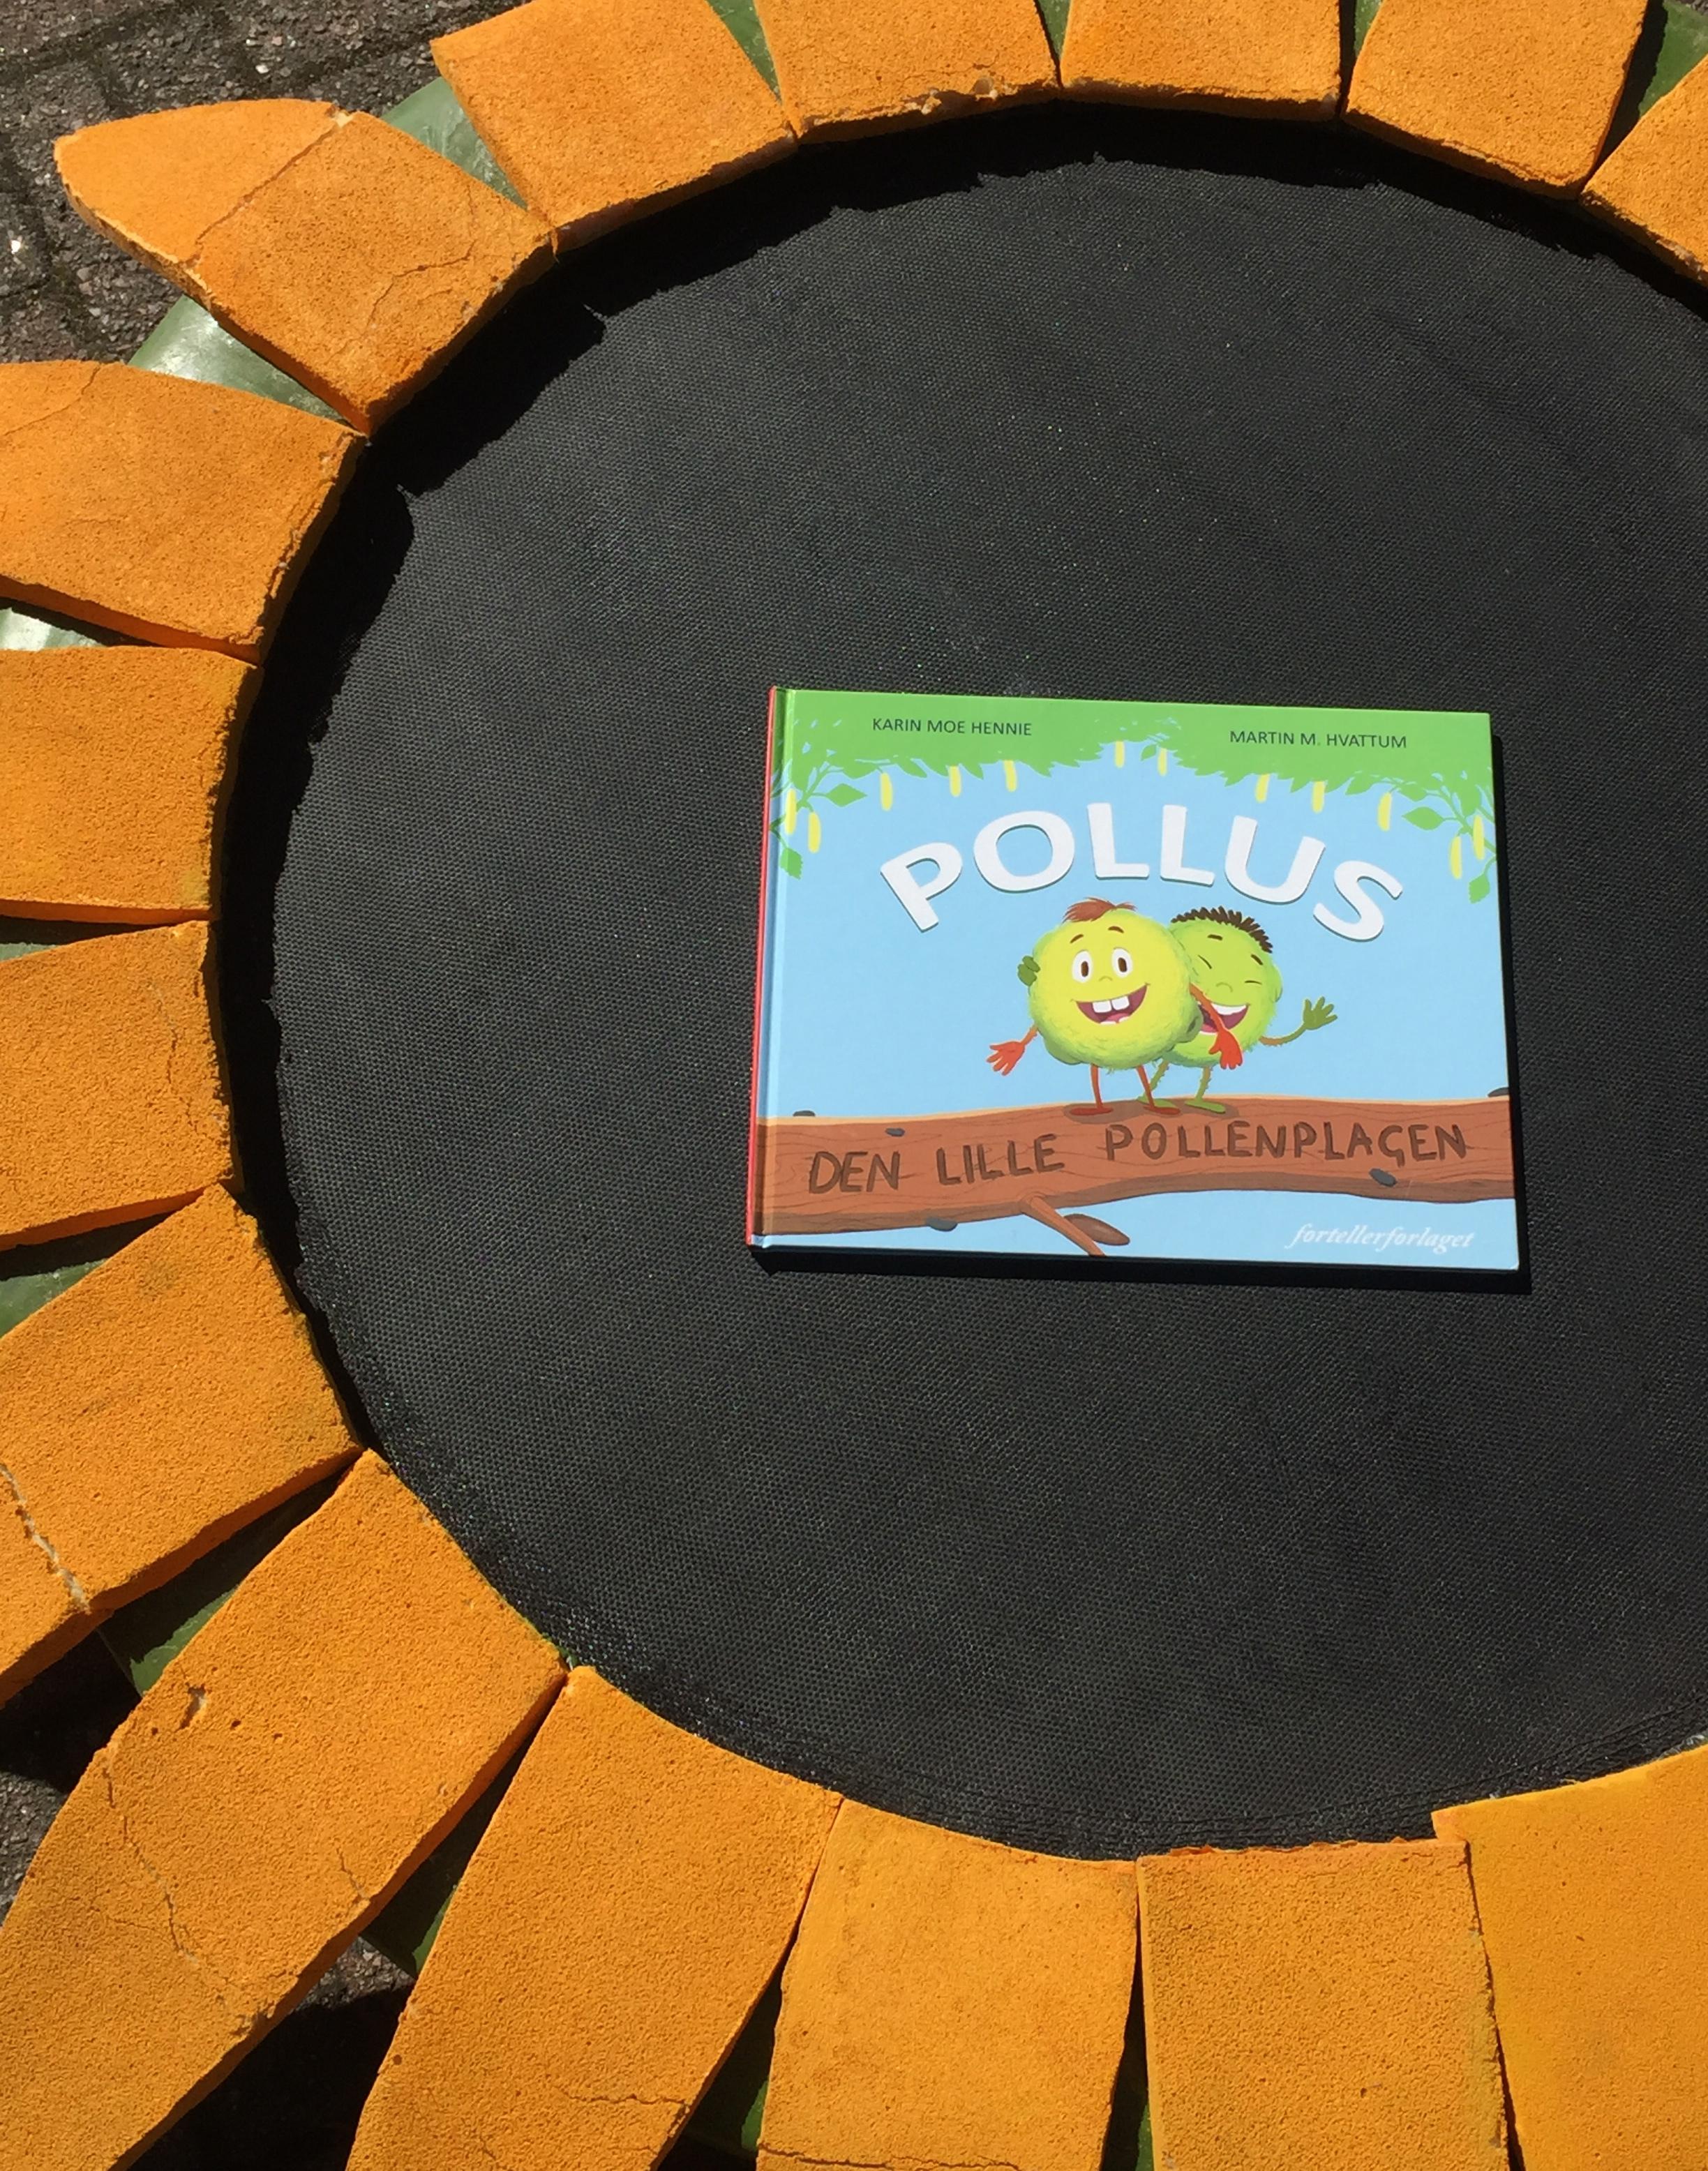 Pollus-Den lille pollenplagen